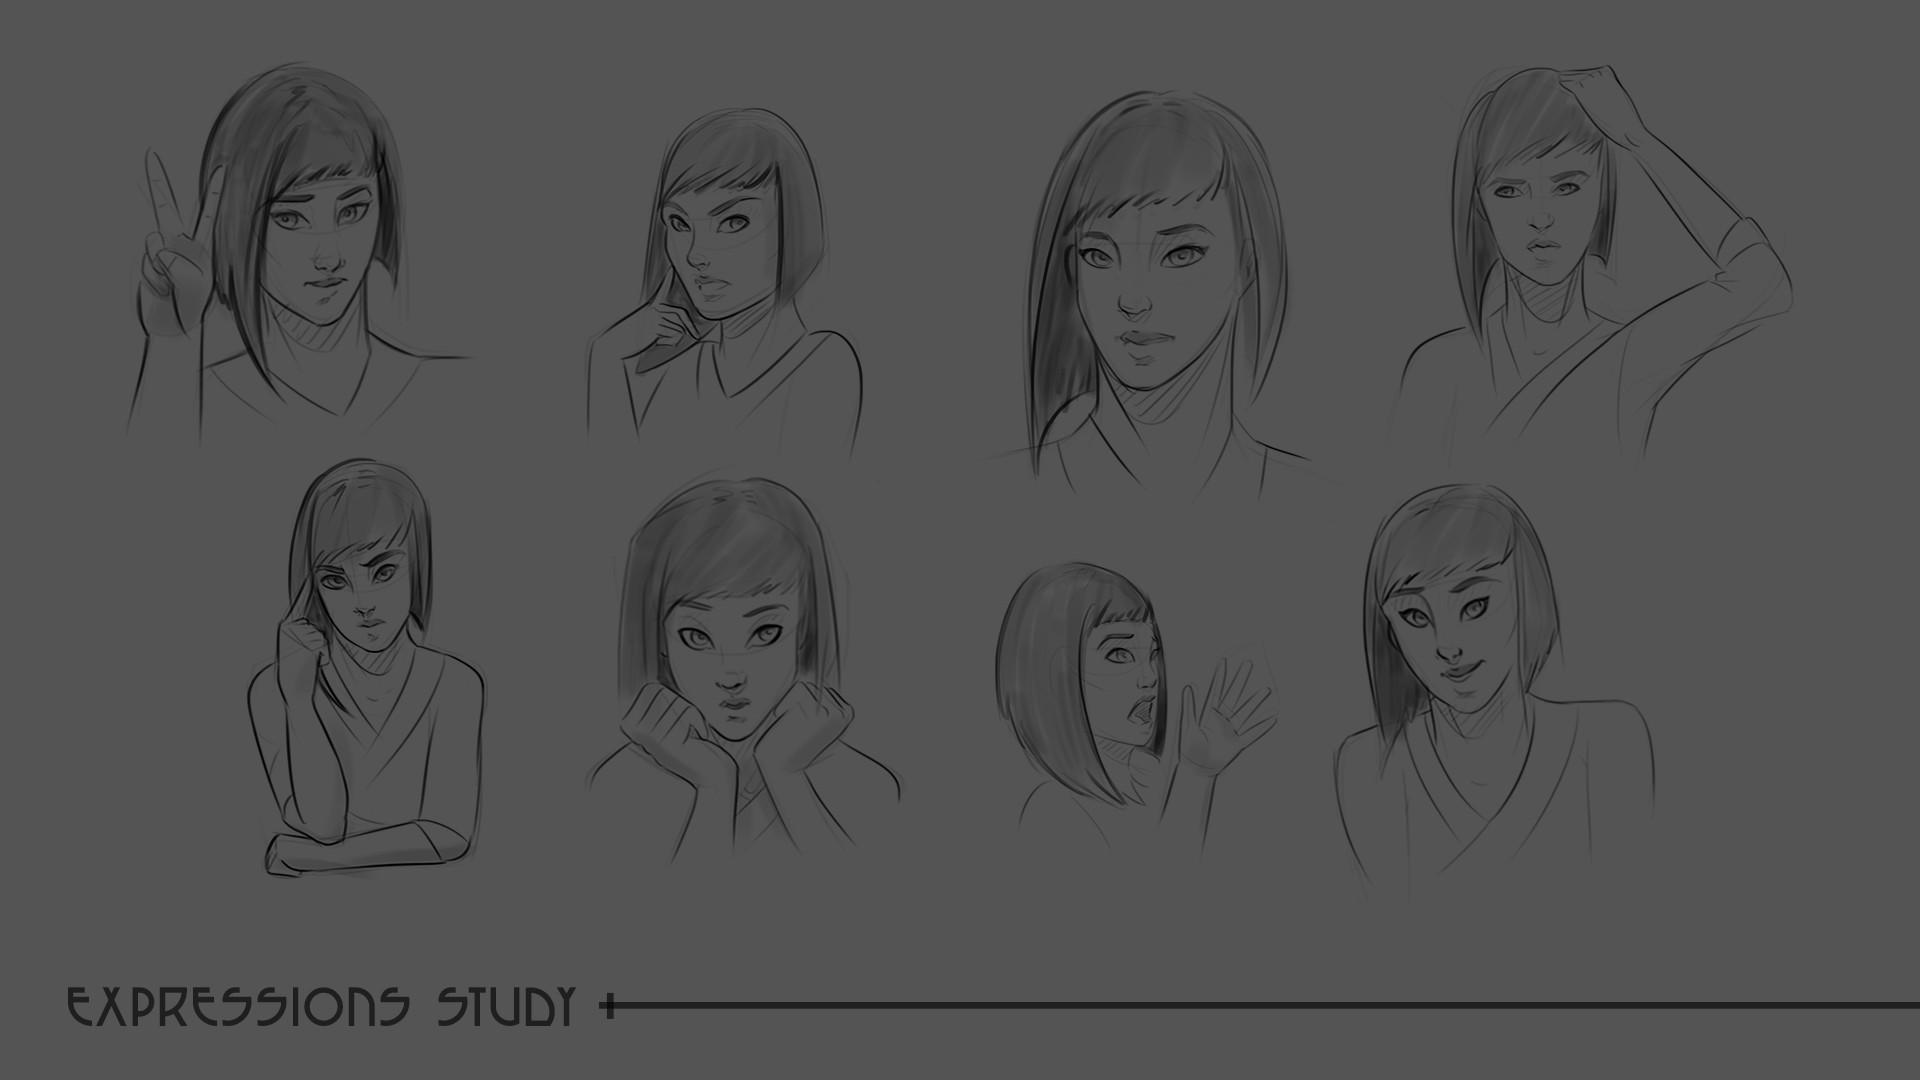 Laura escobar mulan expressions 1